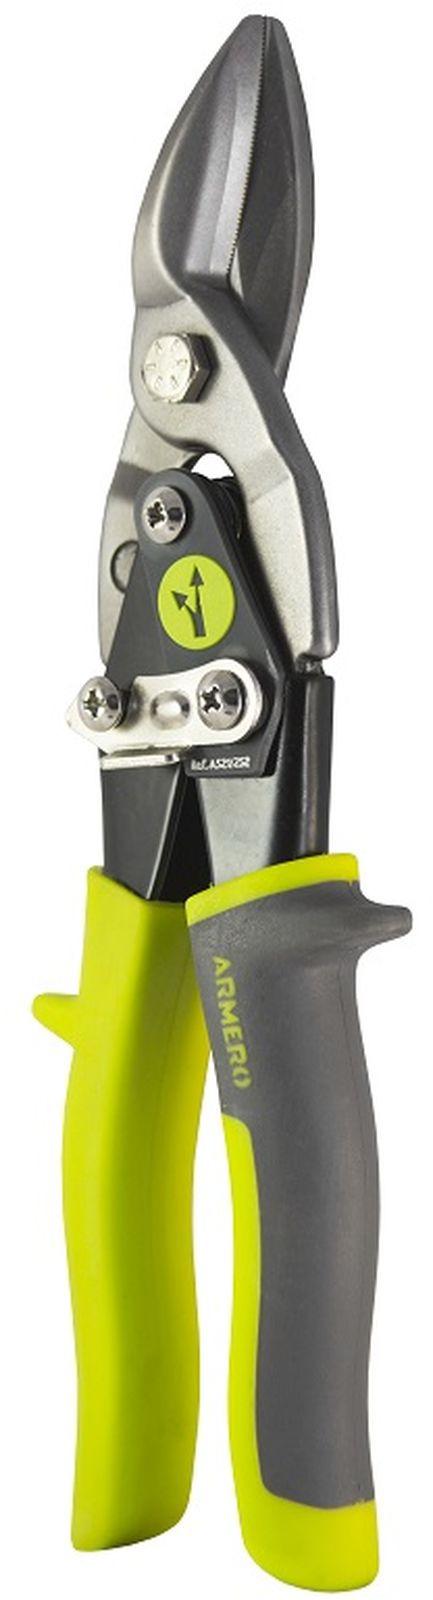 Ножницы по металлу Armero, левые, 250 мм ножницы по металлу 250мм левые nws фигурные 061l 12 250